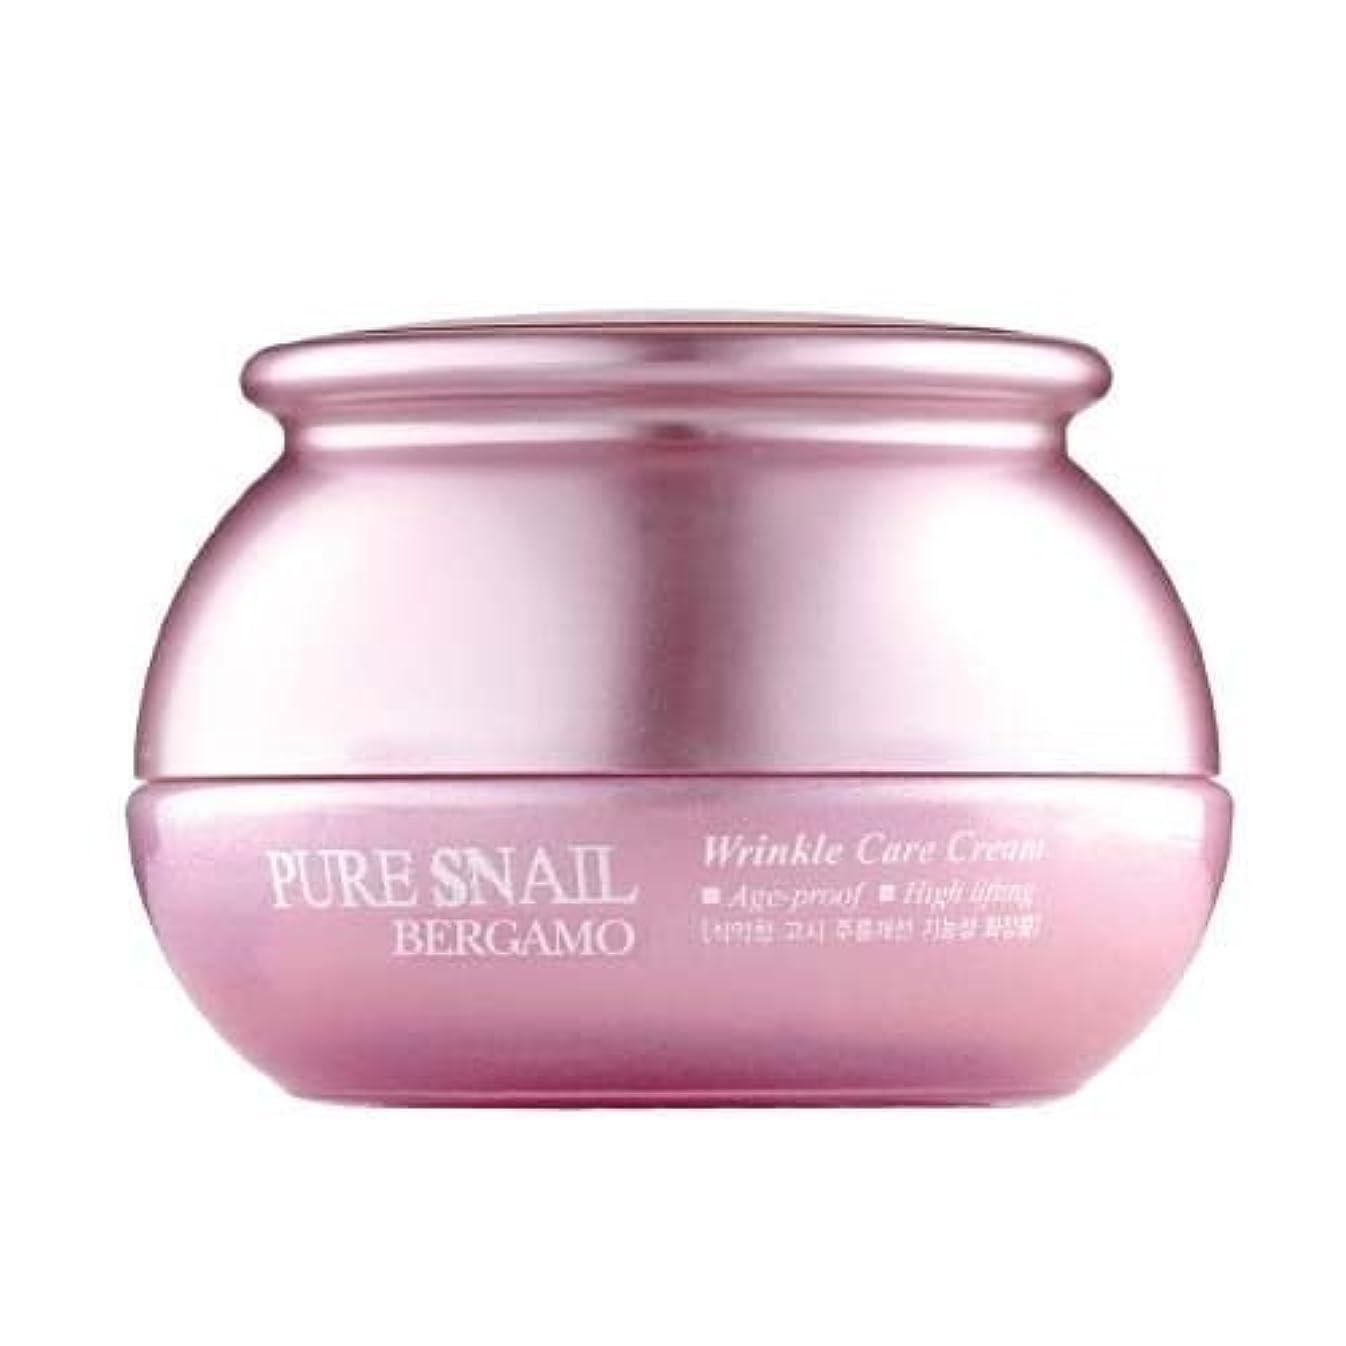 蘇生する悪行政治的ベルガモ[韓国コスメBergamo]Pure Snail Wrinkle Care Cream カタツムリリンクルケアクリーム50ml しわ管理 [並行輸入品]